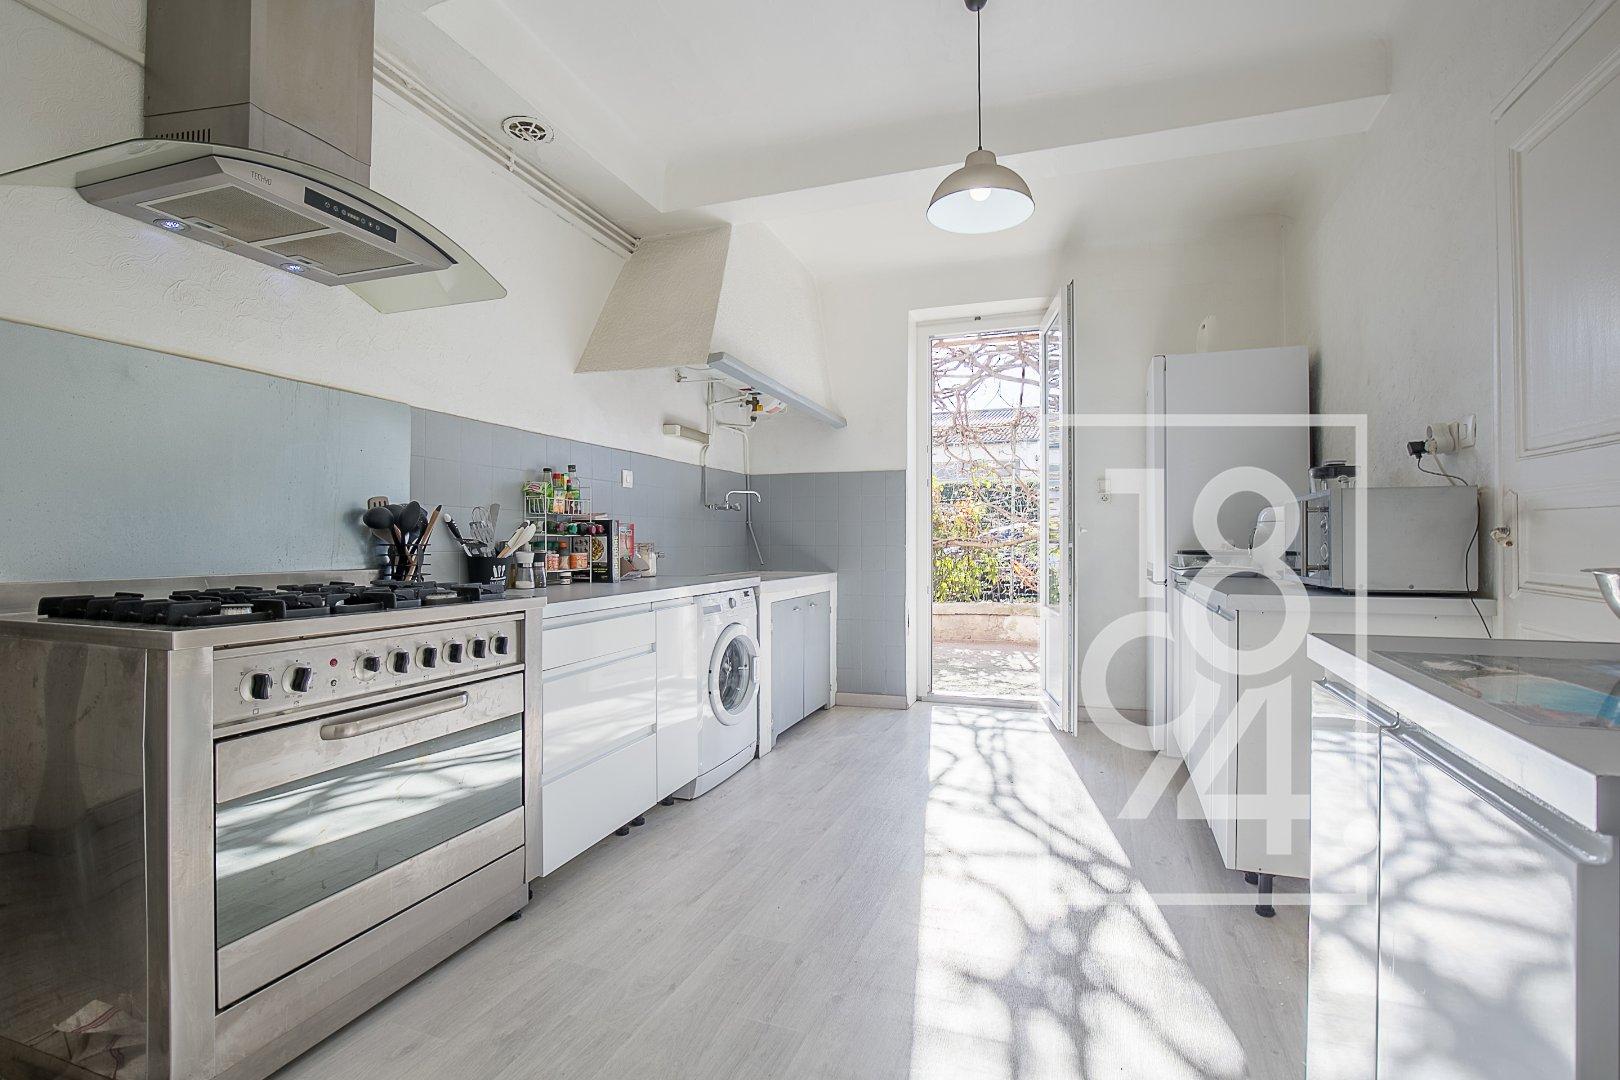 Appartement en rez-de-chaussée de type 3 d'environ 65m2 avec cour et place de stationnement à Salon de Provence